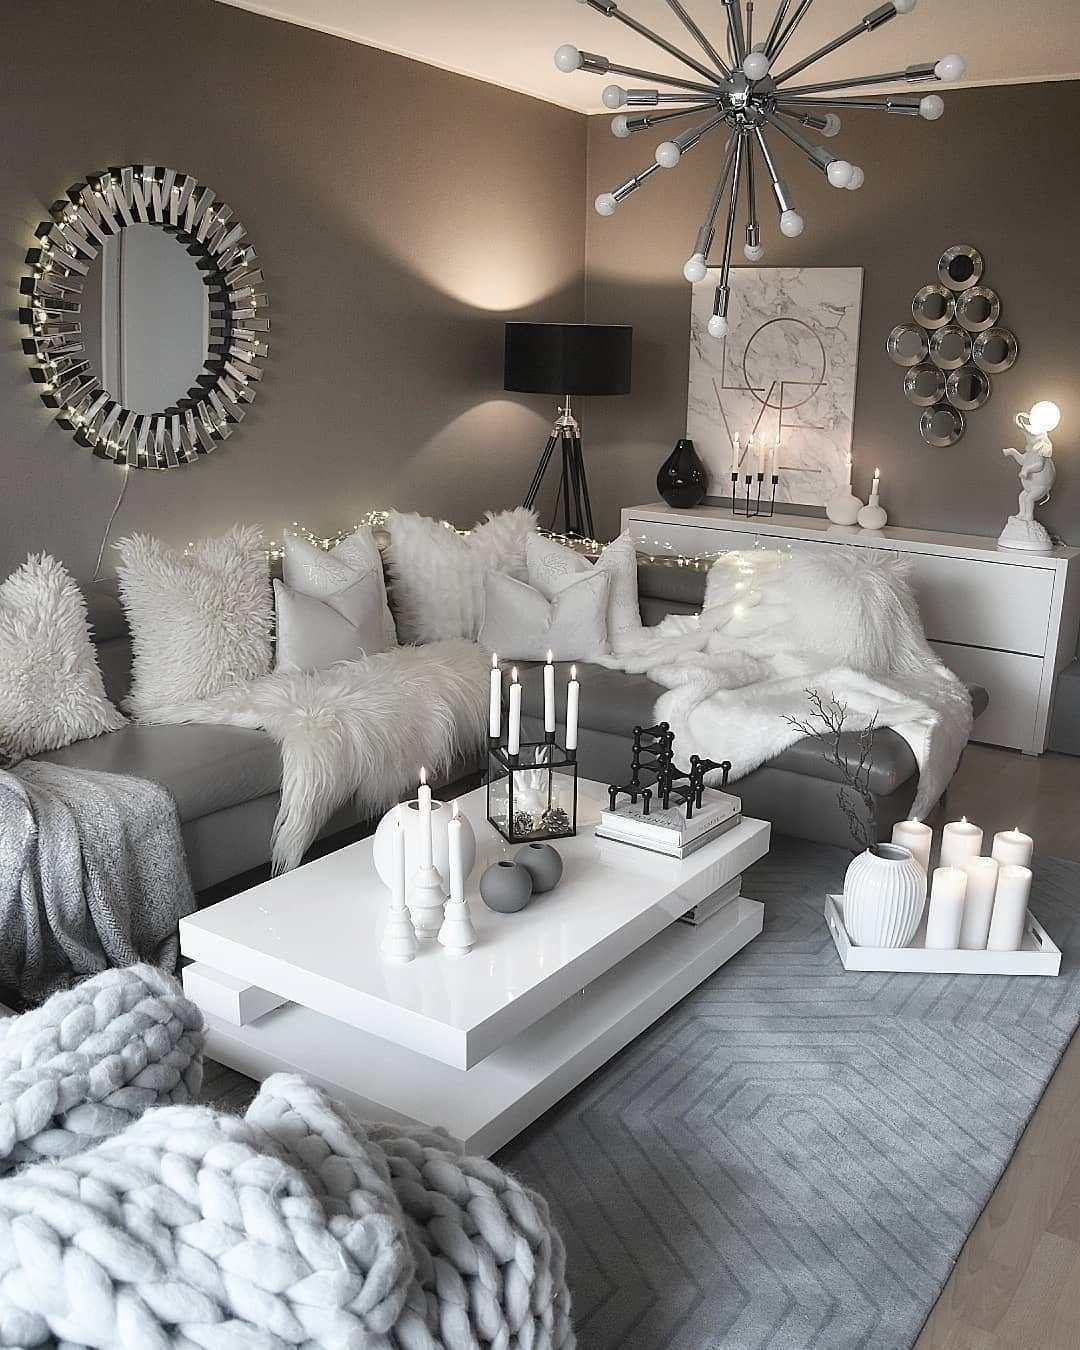 Idées de décoration pour un salon @salon @designdecoration